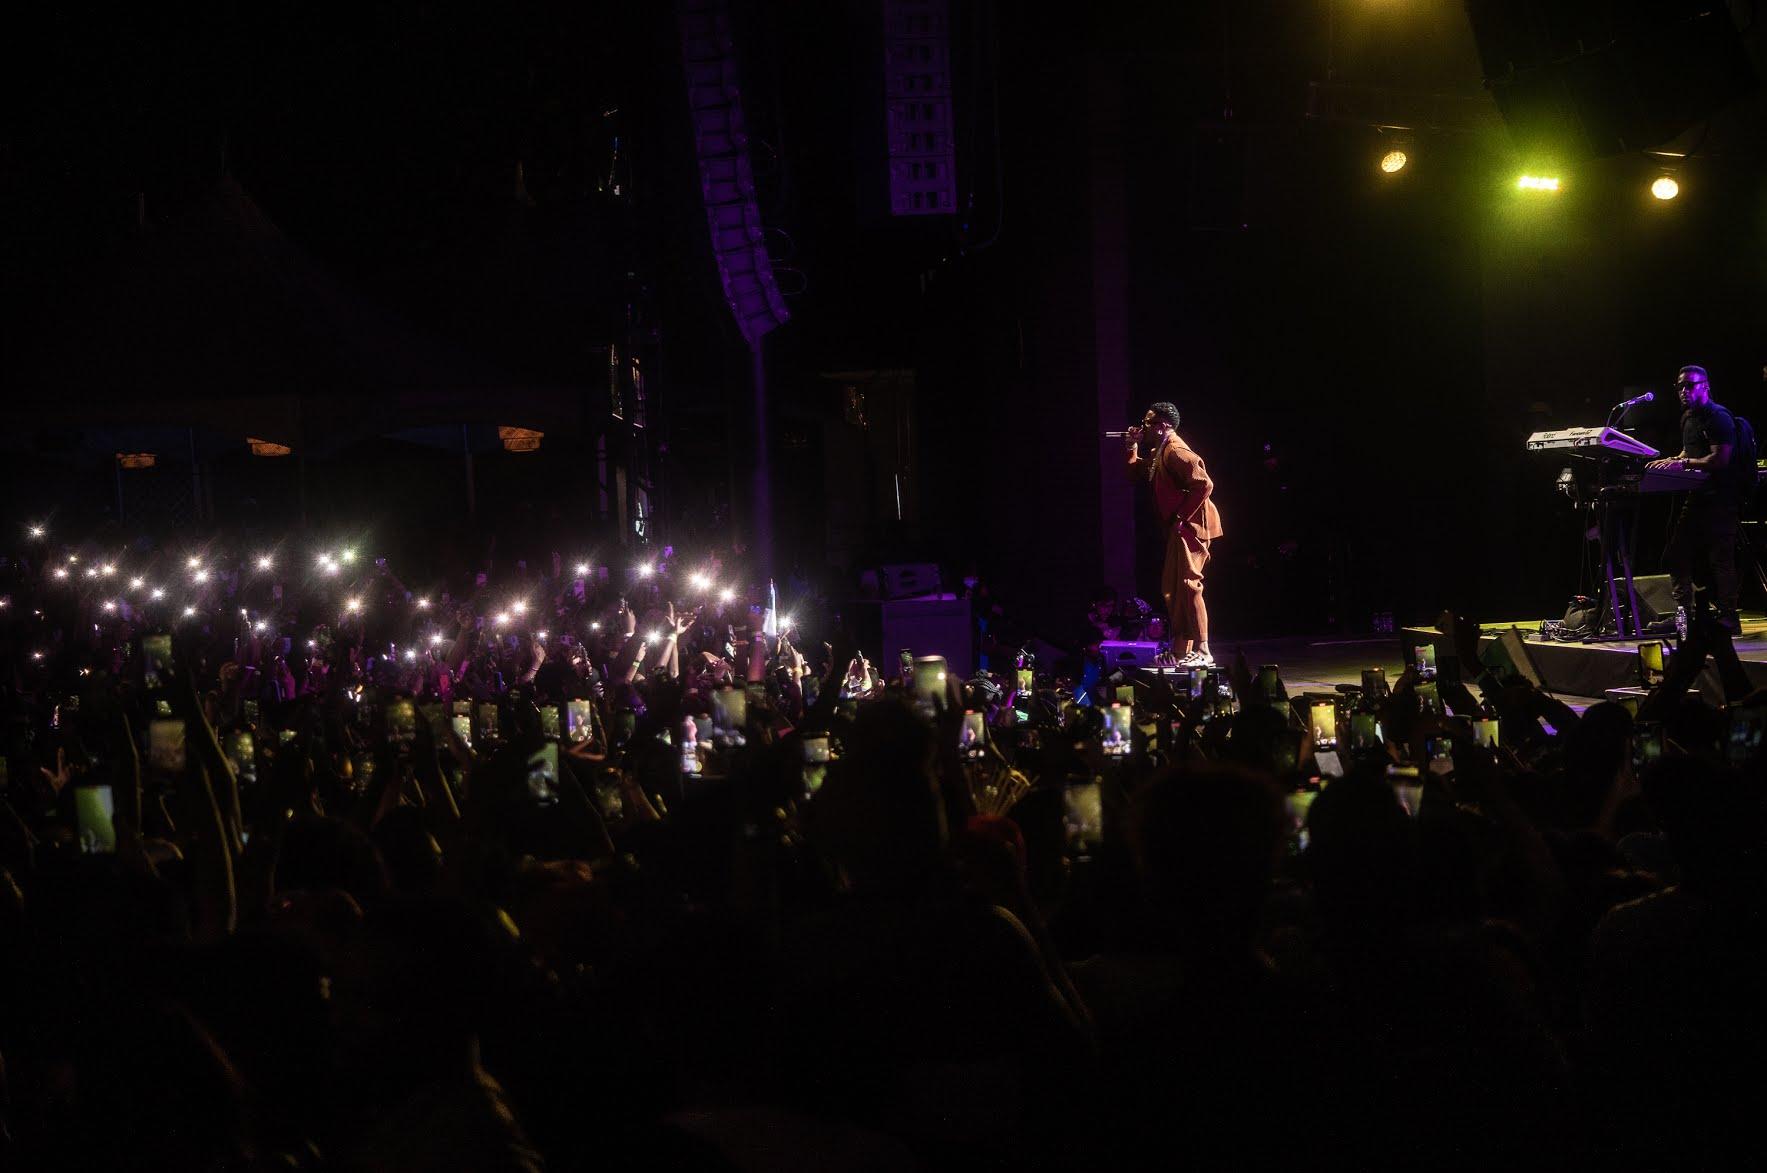 Wizkid on stage singing to fans